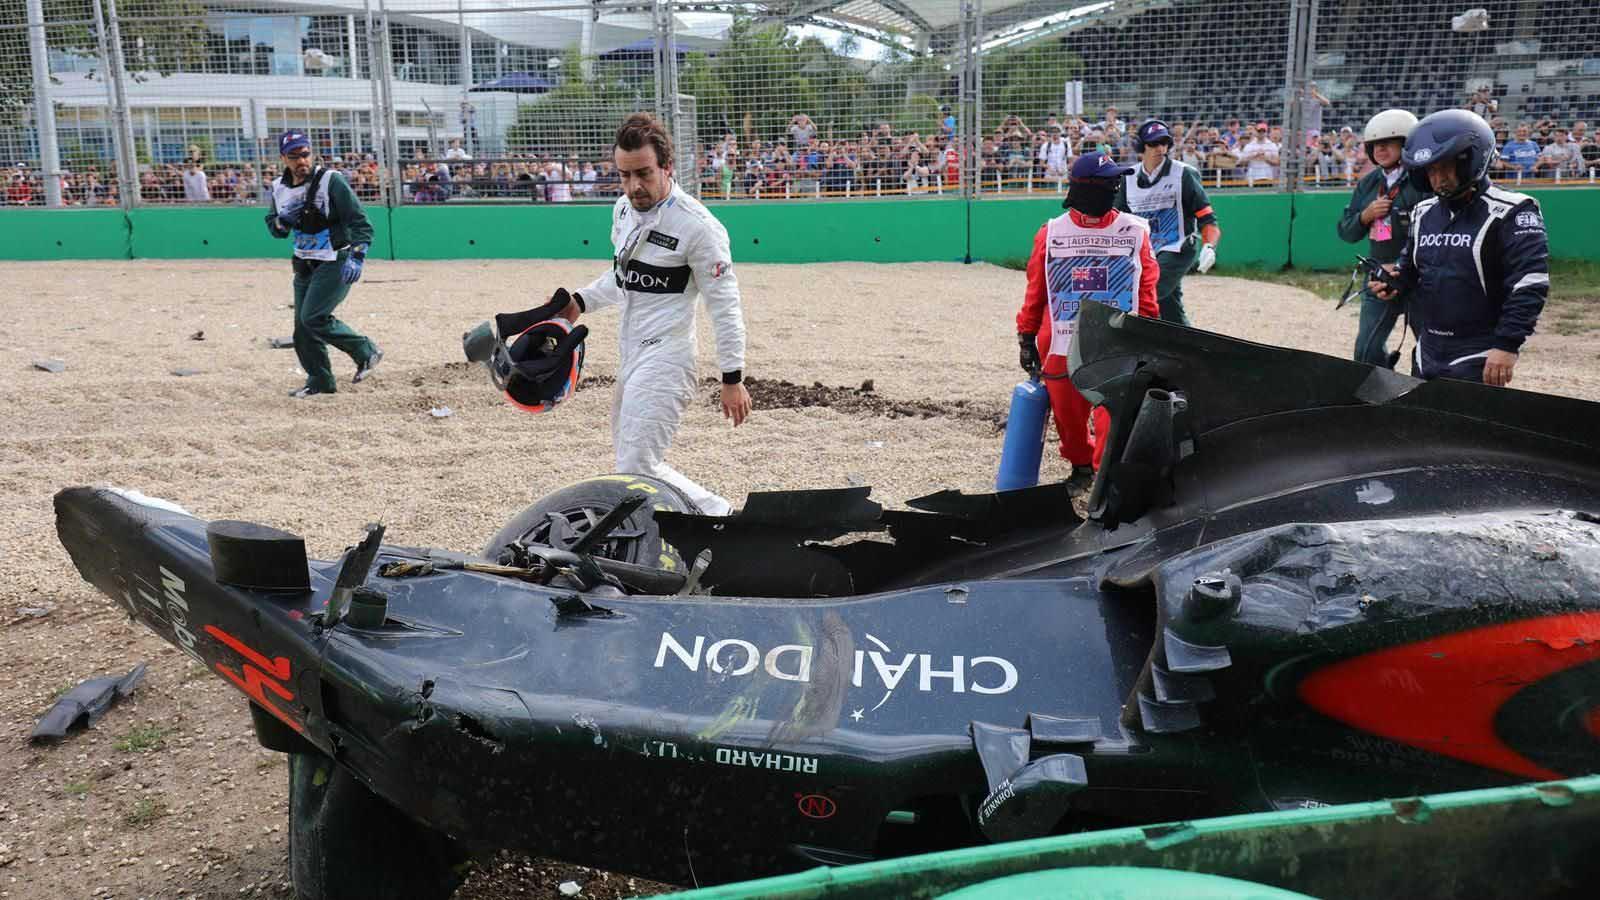 El doble campeón del mundo chocó en Australia tras perder el control a más de 300 km/h